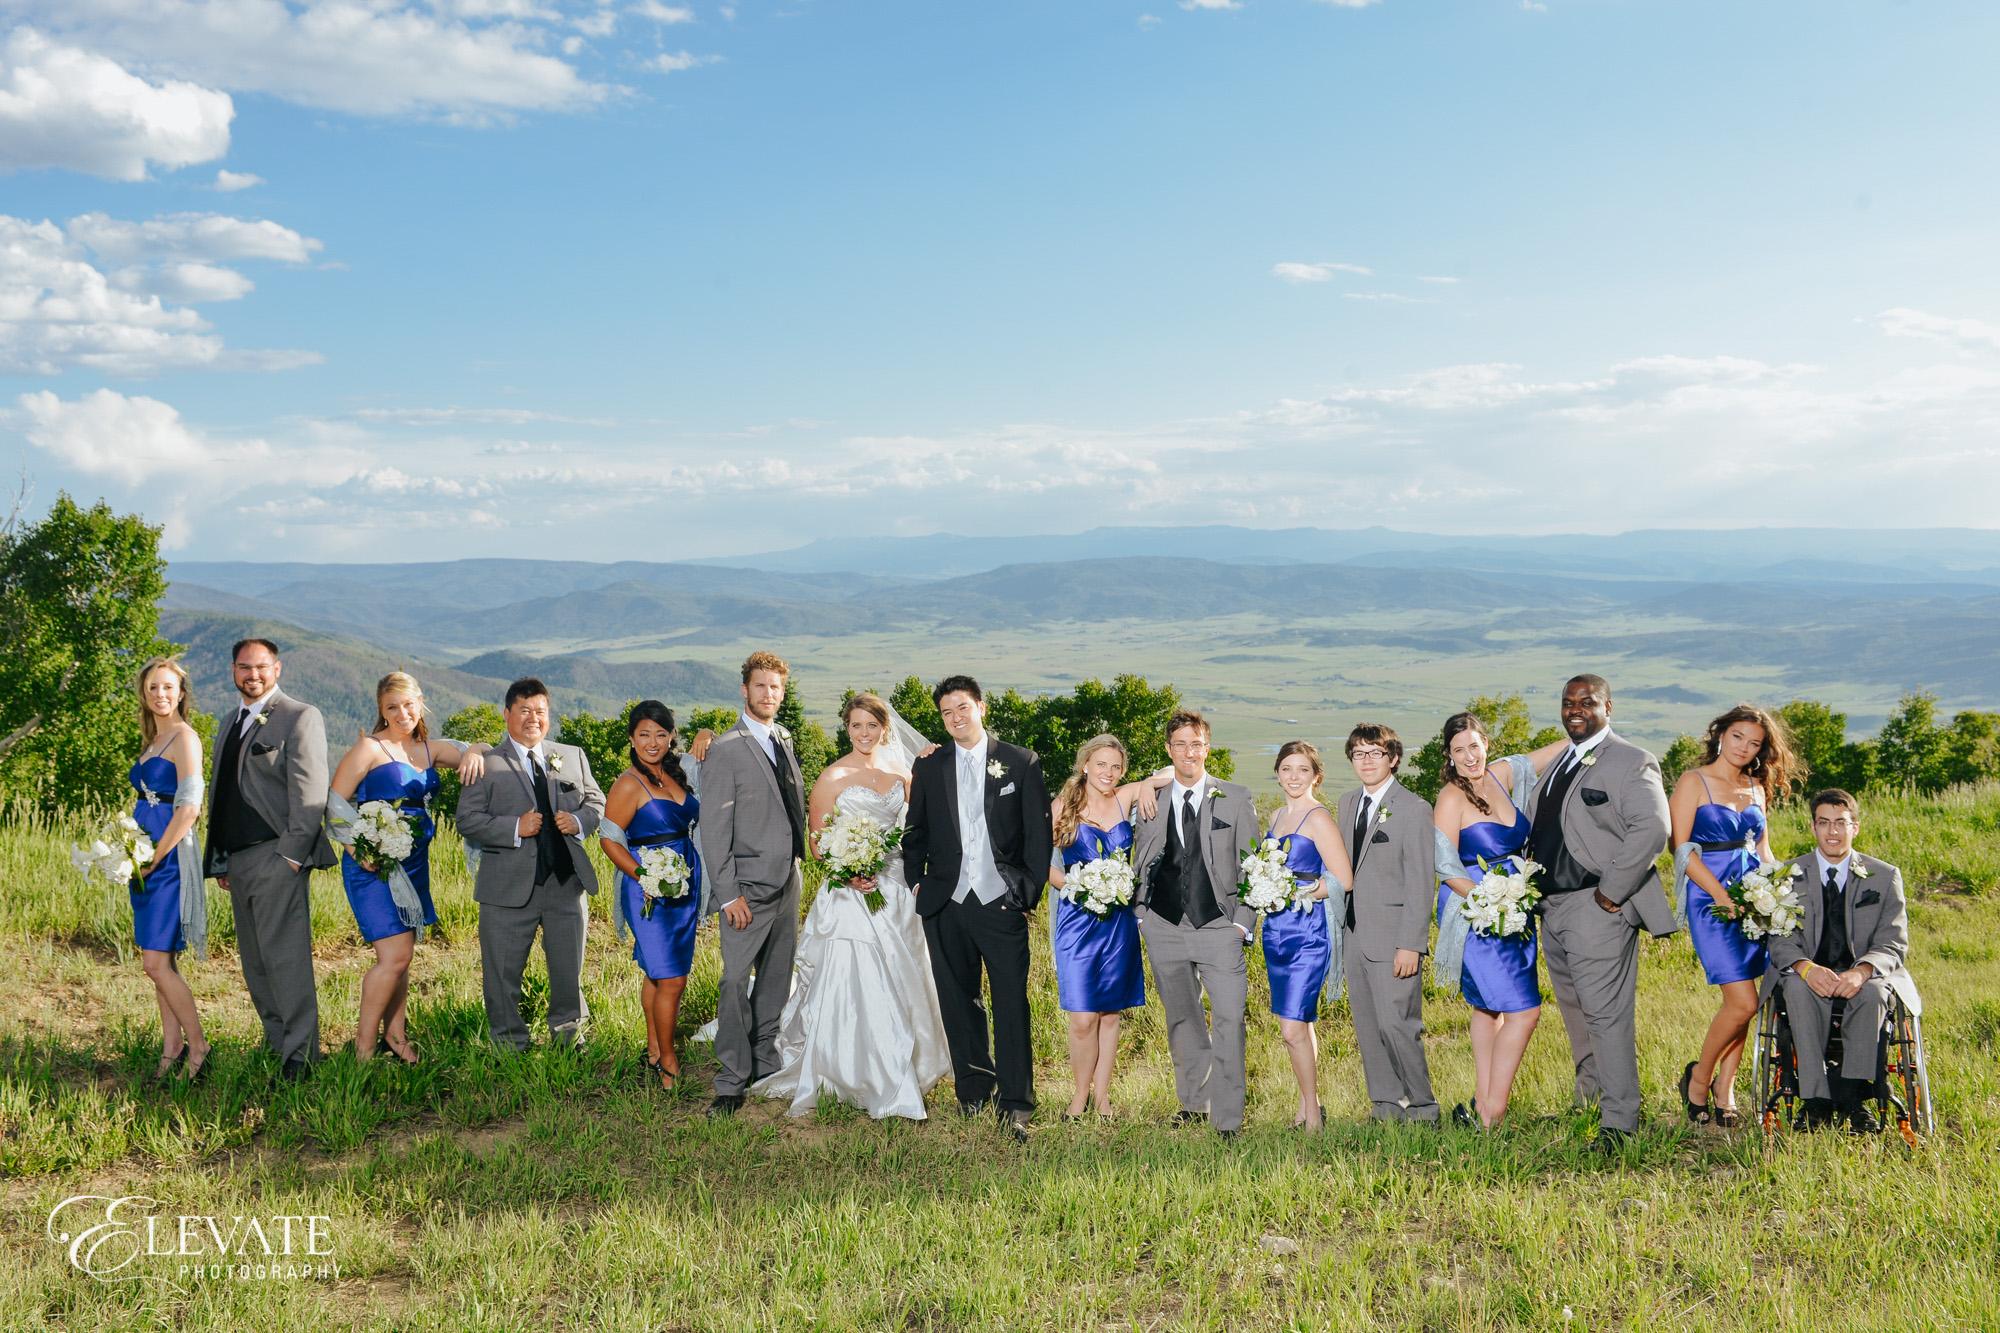 wedding party vista overlook